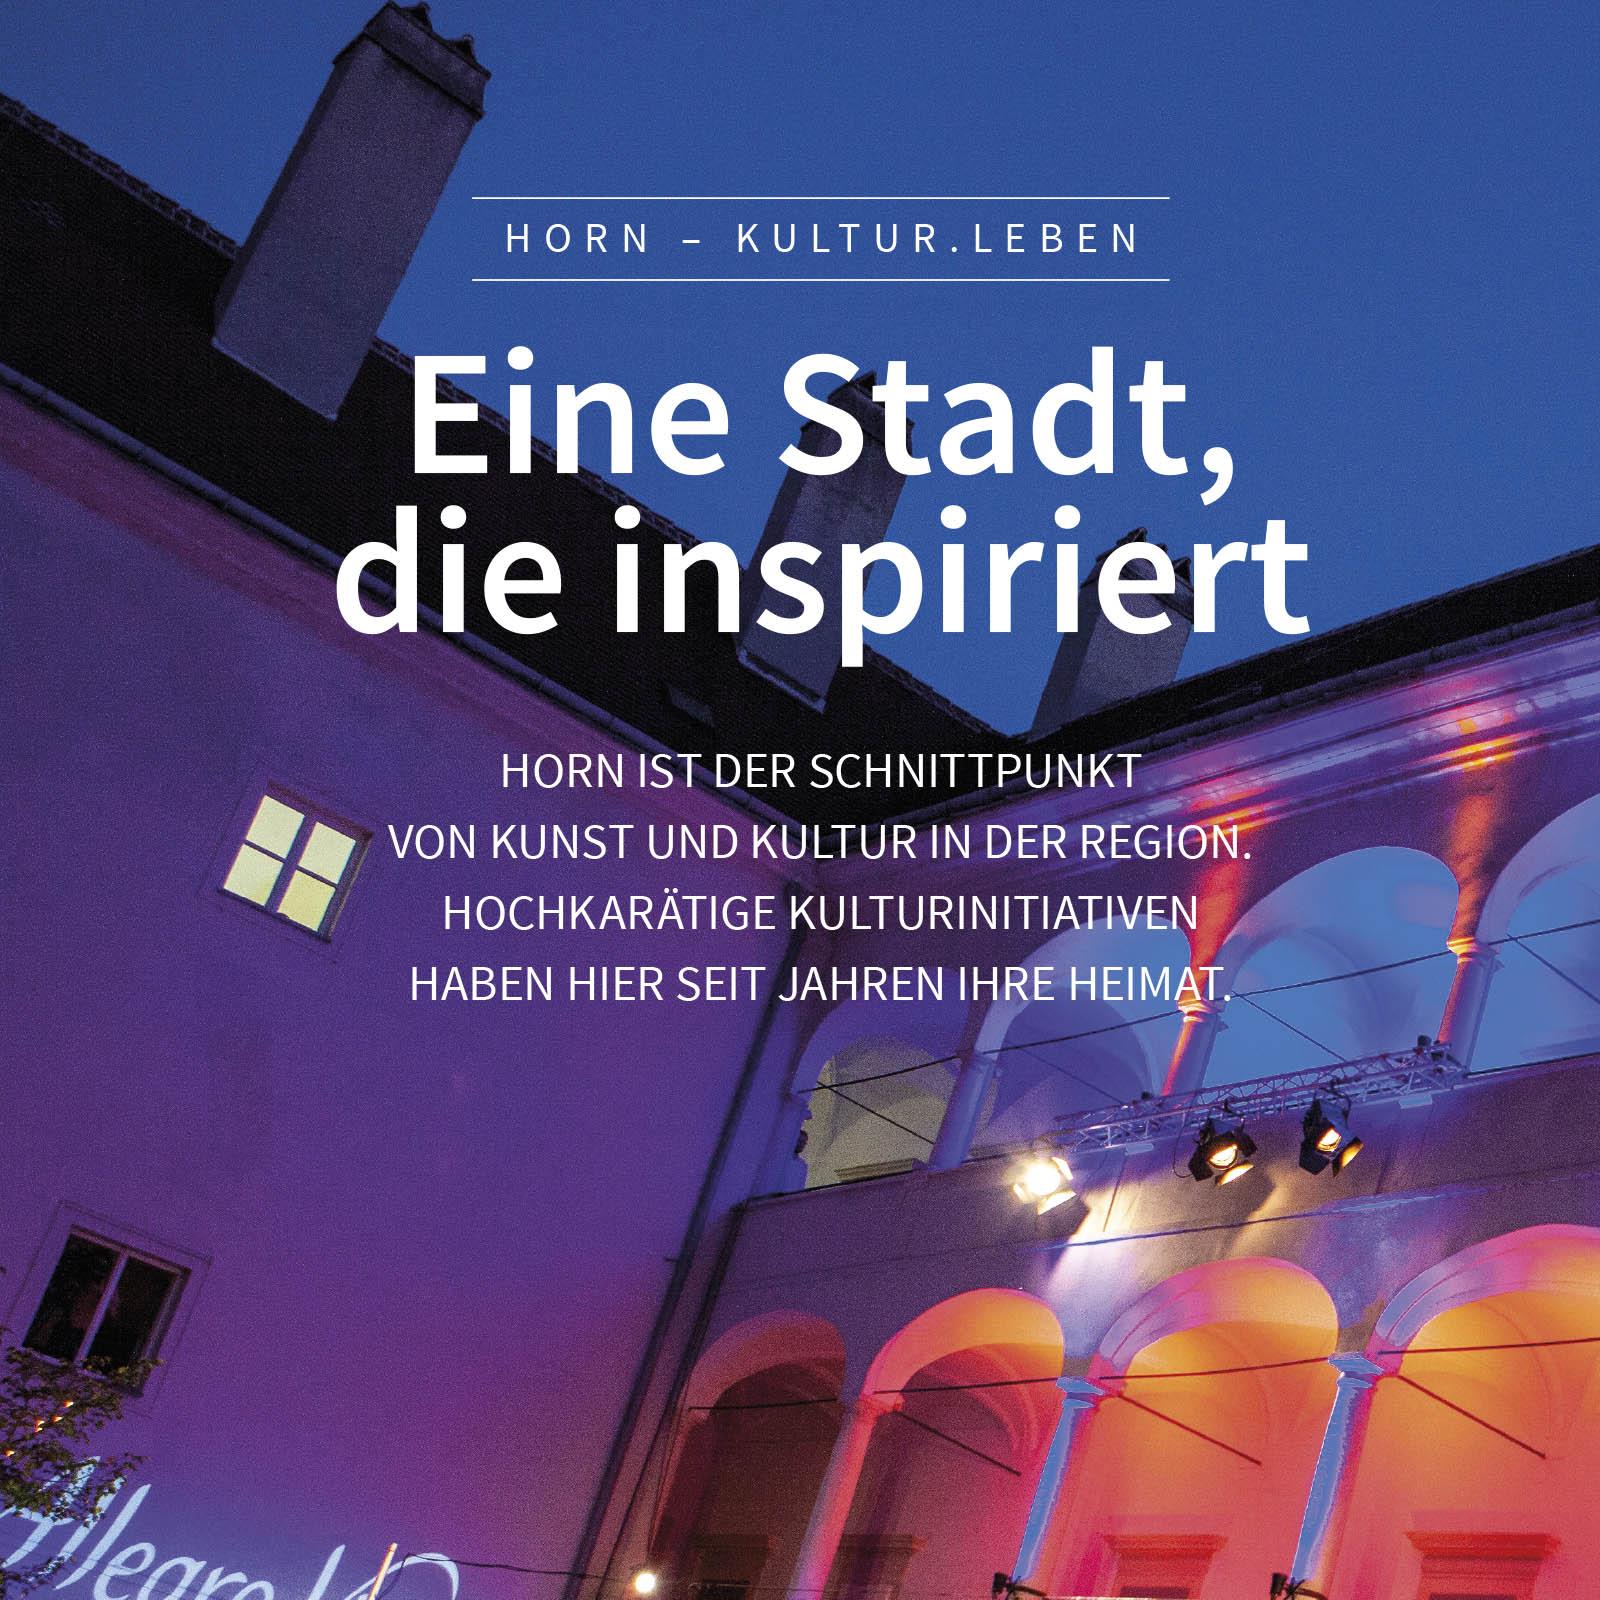 Imagebroschüre, Foto: ©Dieter Schewig